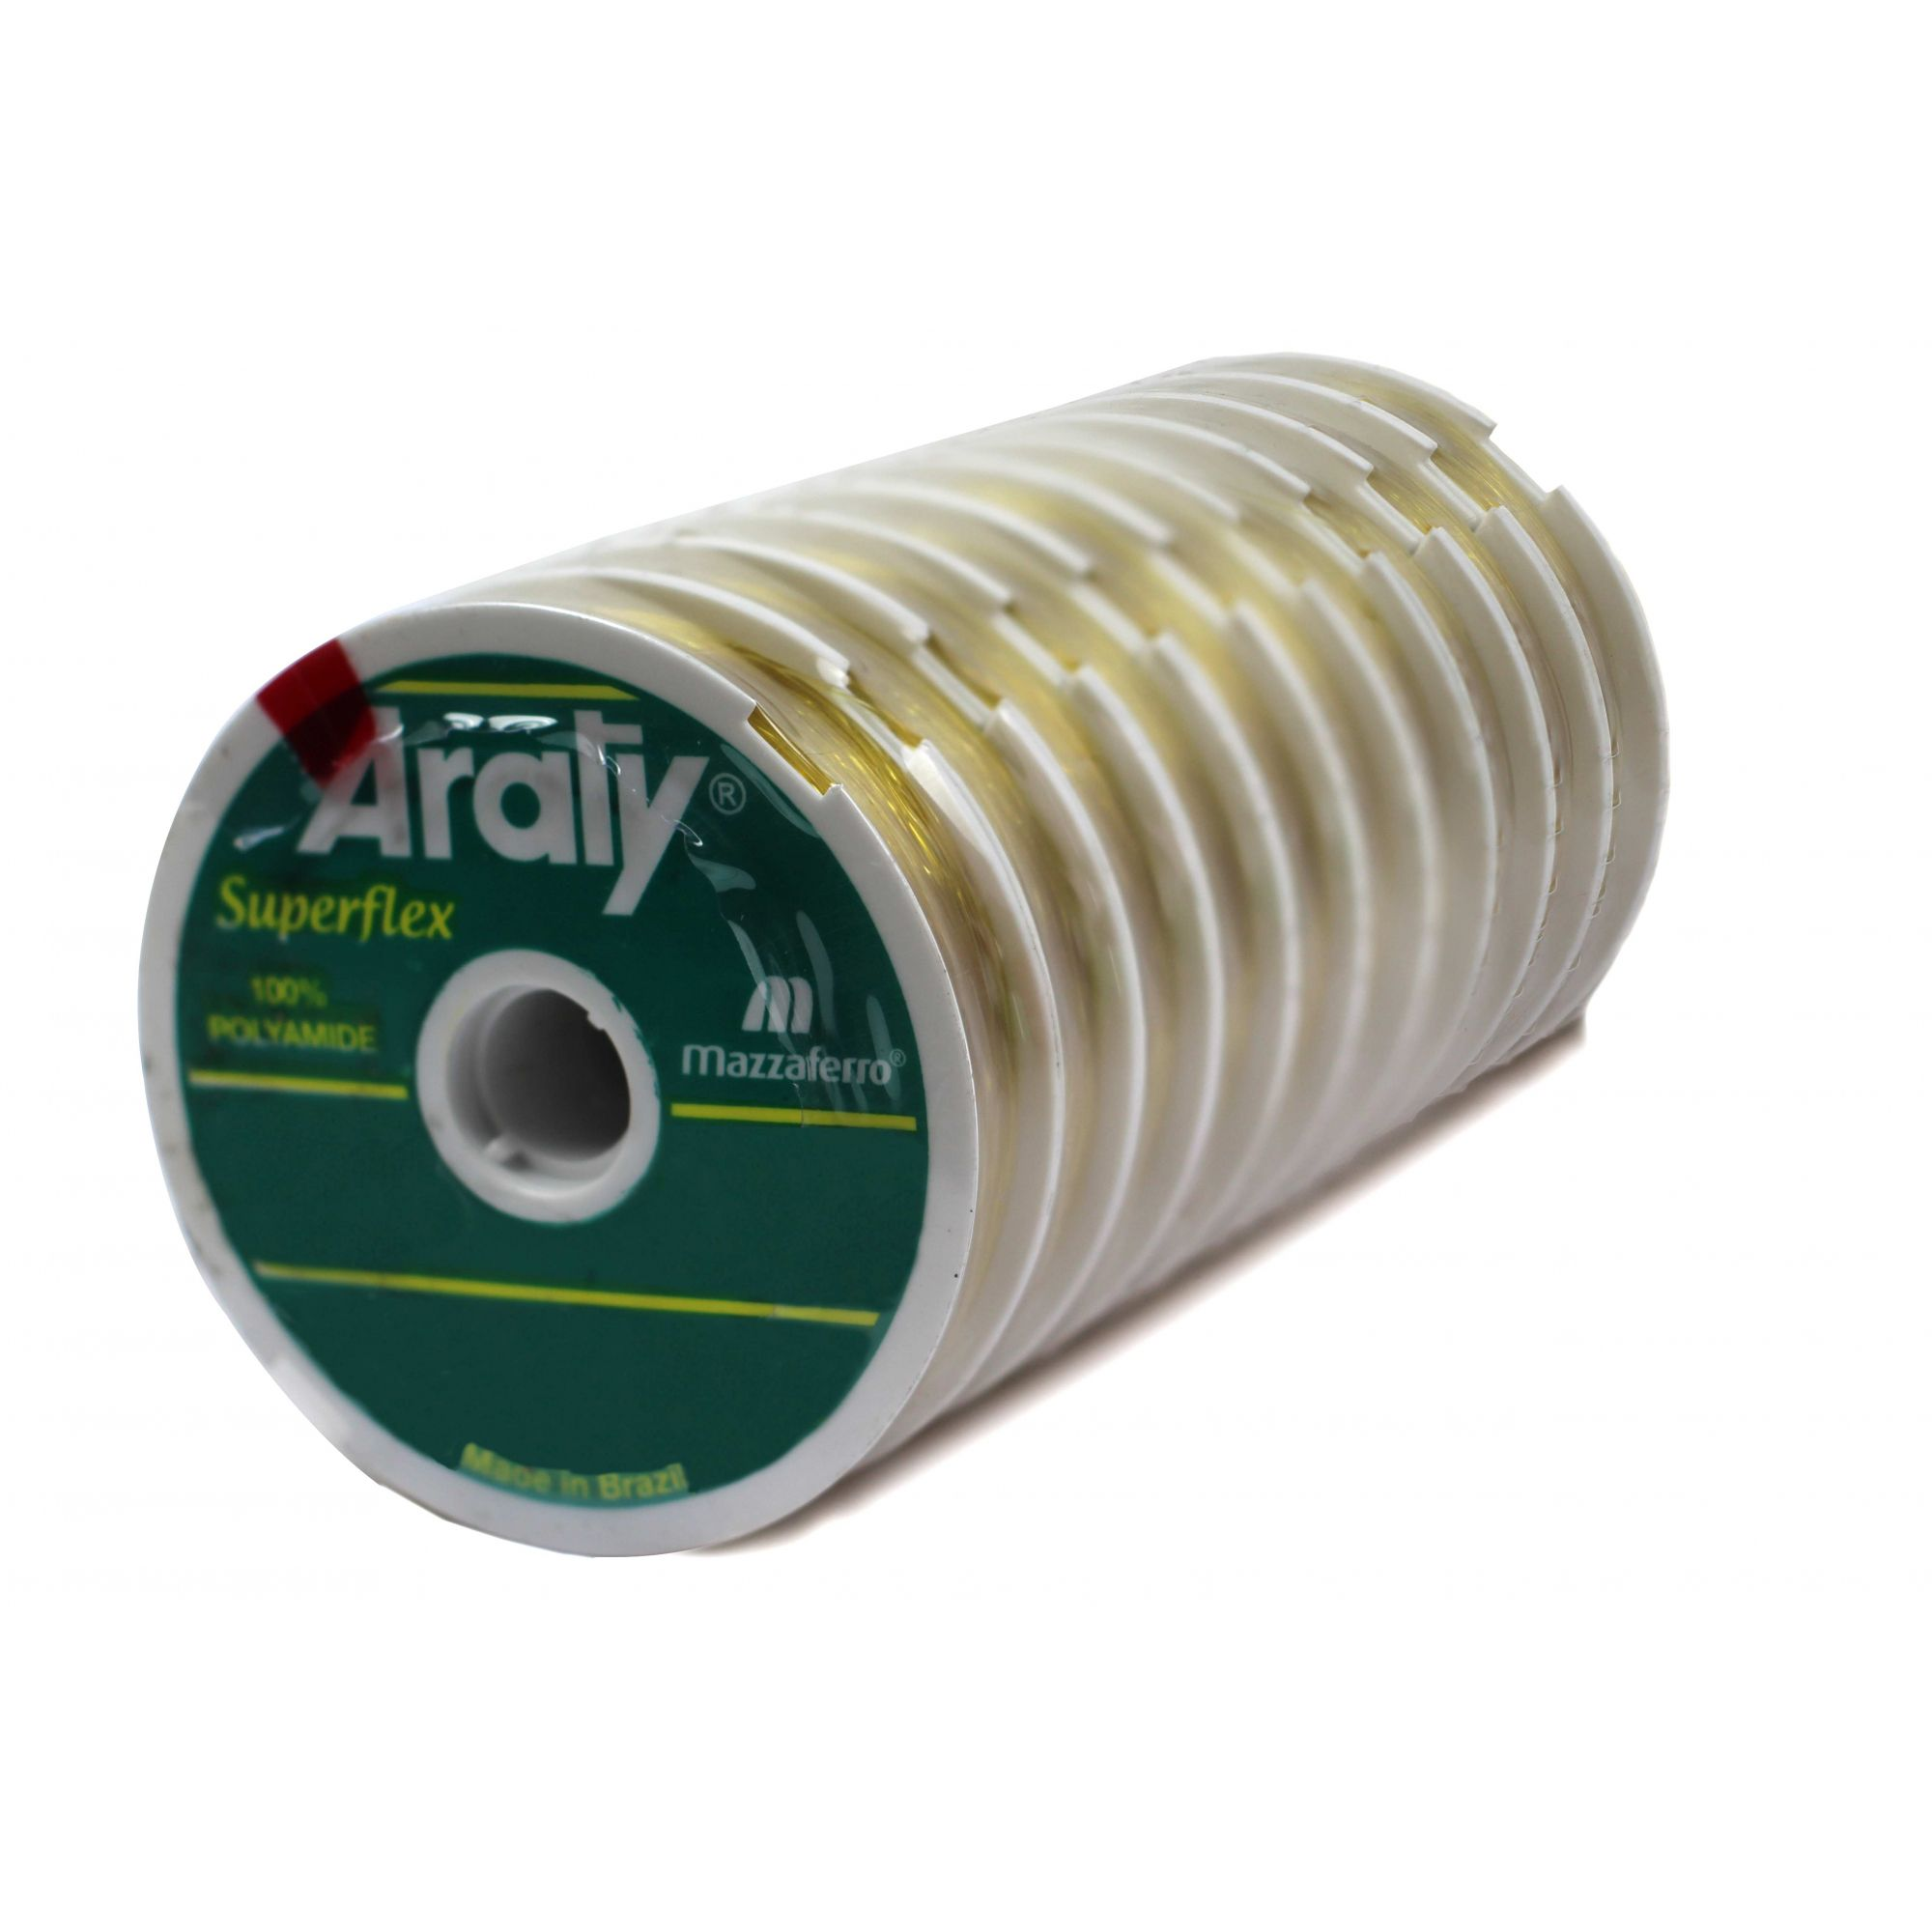 Kit 10 Linhas Monofilamento Araty UV Superflex 0,40mm 9,1kg - (10x 100 Metros)